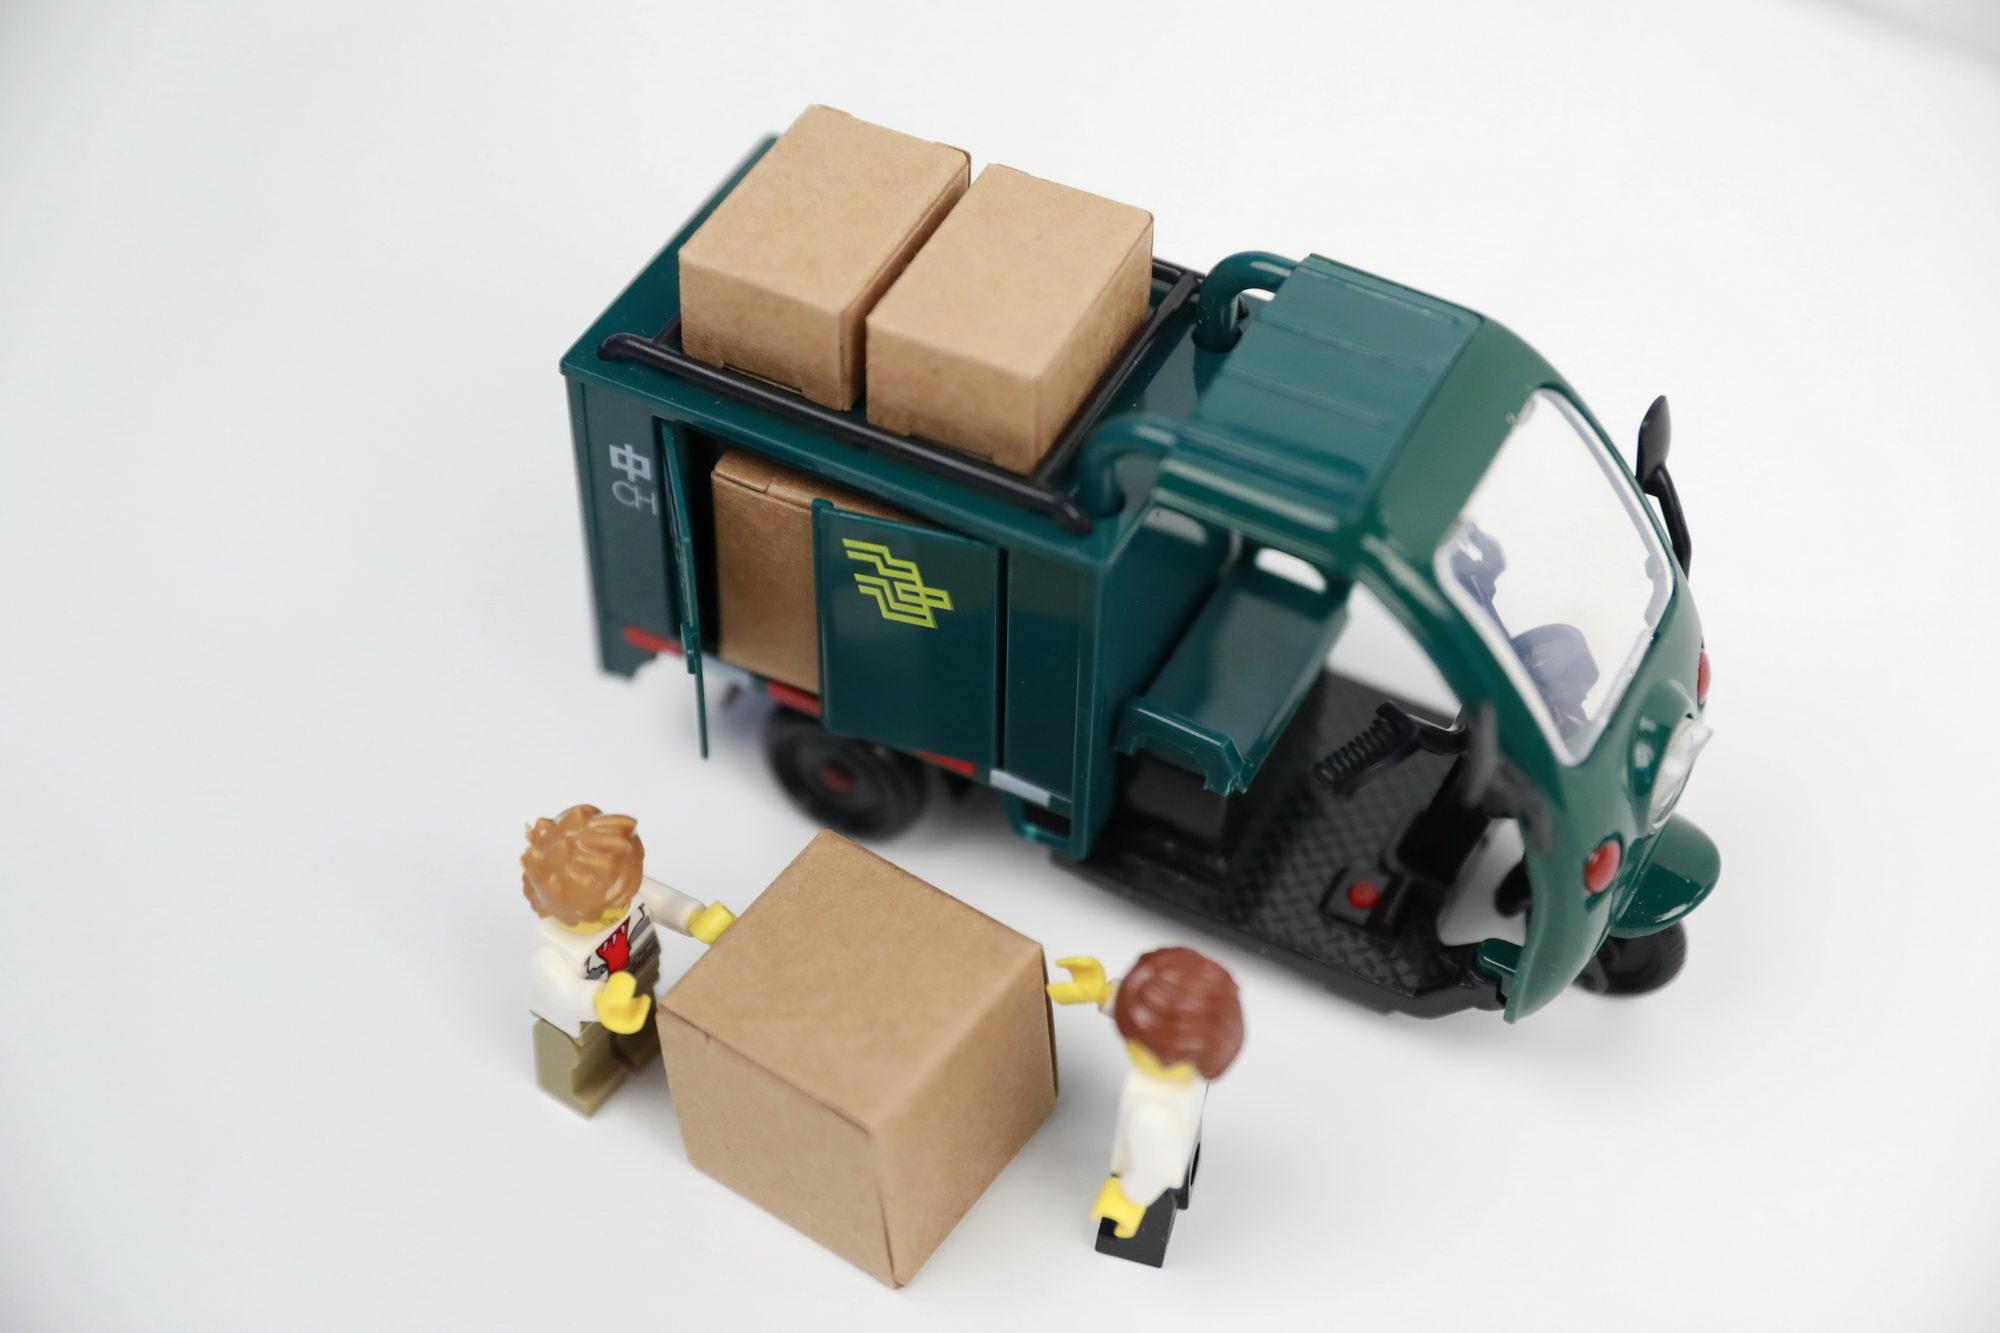 国家邮政局:预计双11日均快递业务量达4.9亿件